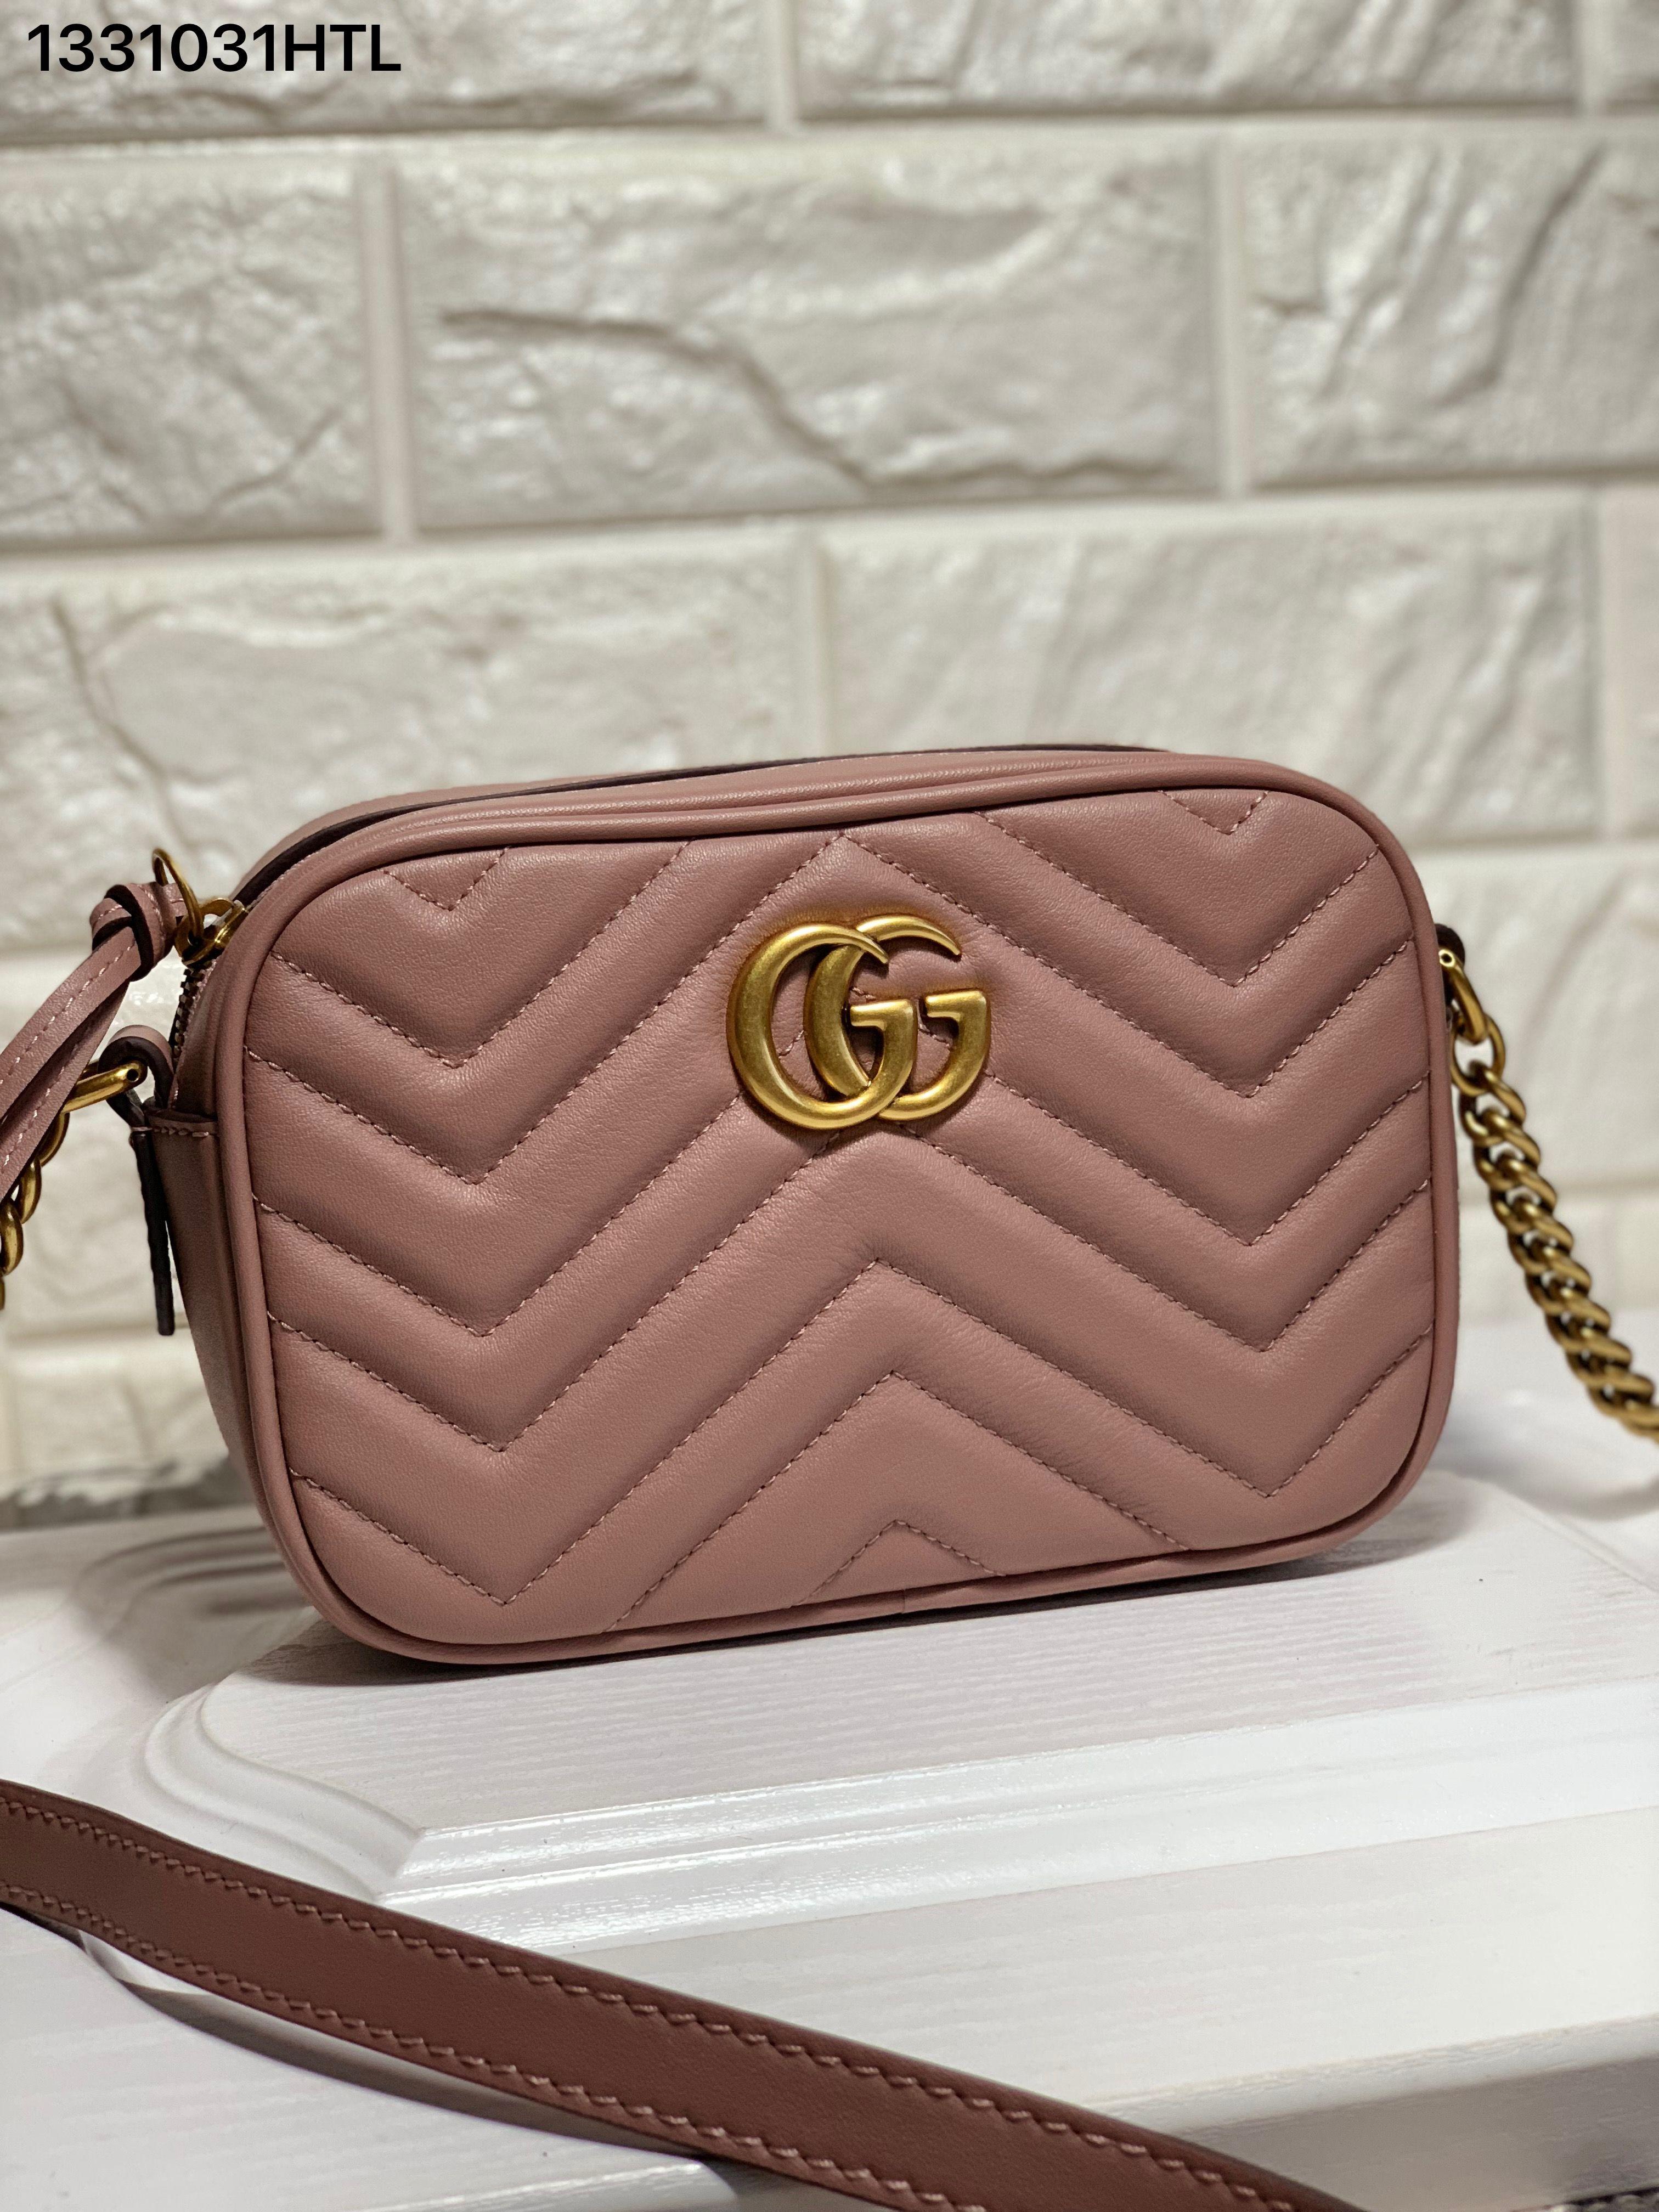 8fea8ada30c7 Gucci marmont mini 18cm pink   Gucci bags in 2019   Gucci marmont ...